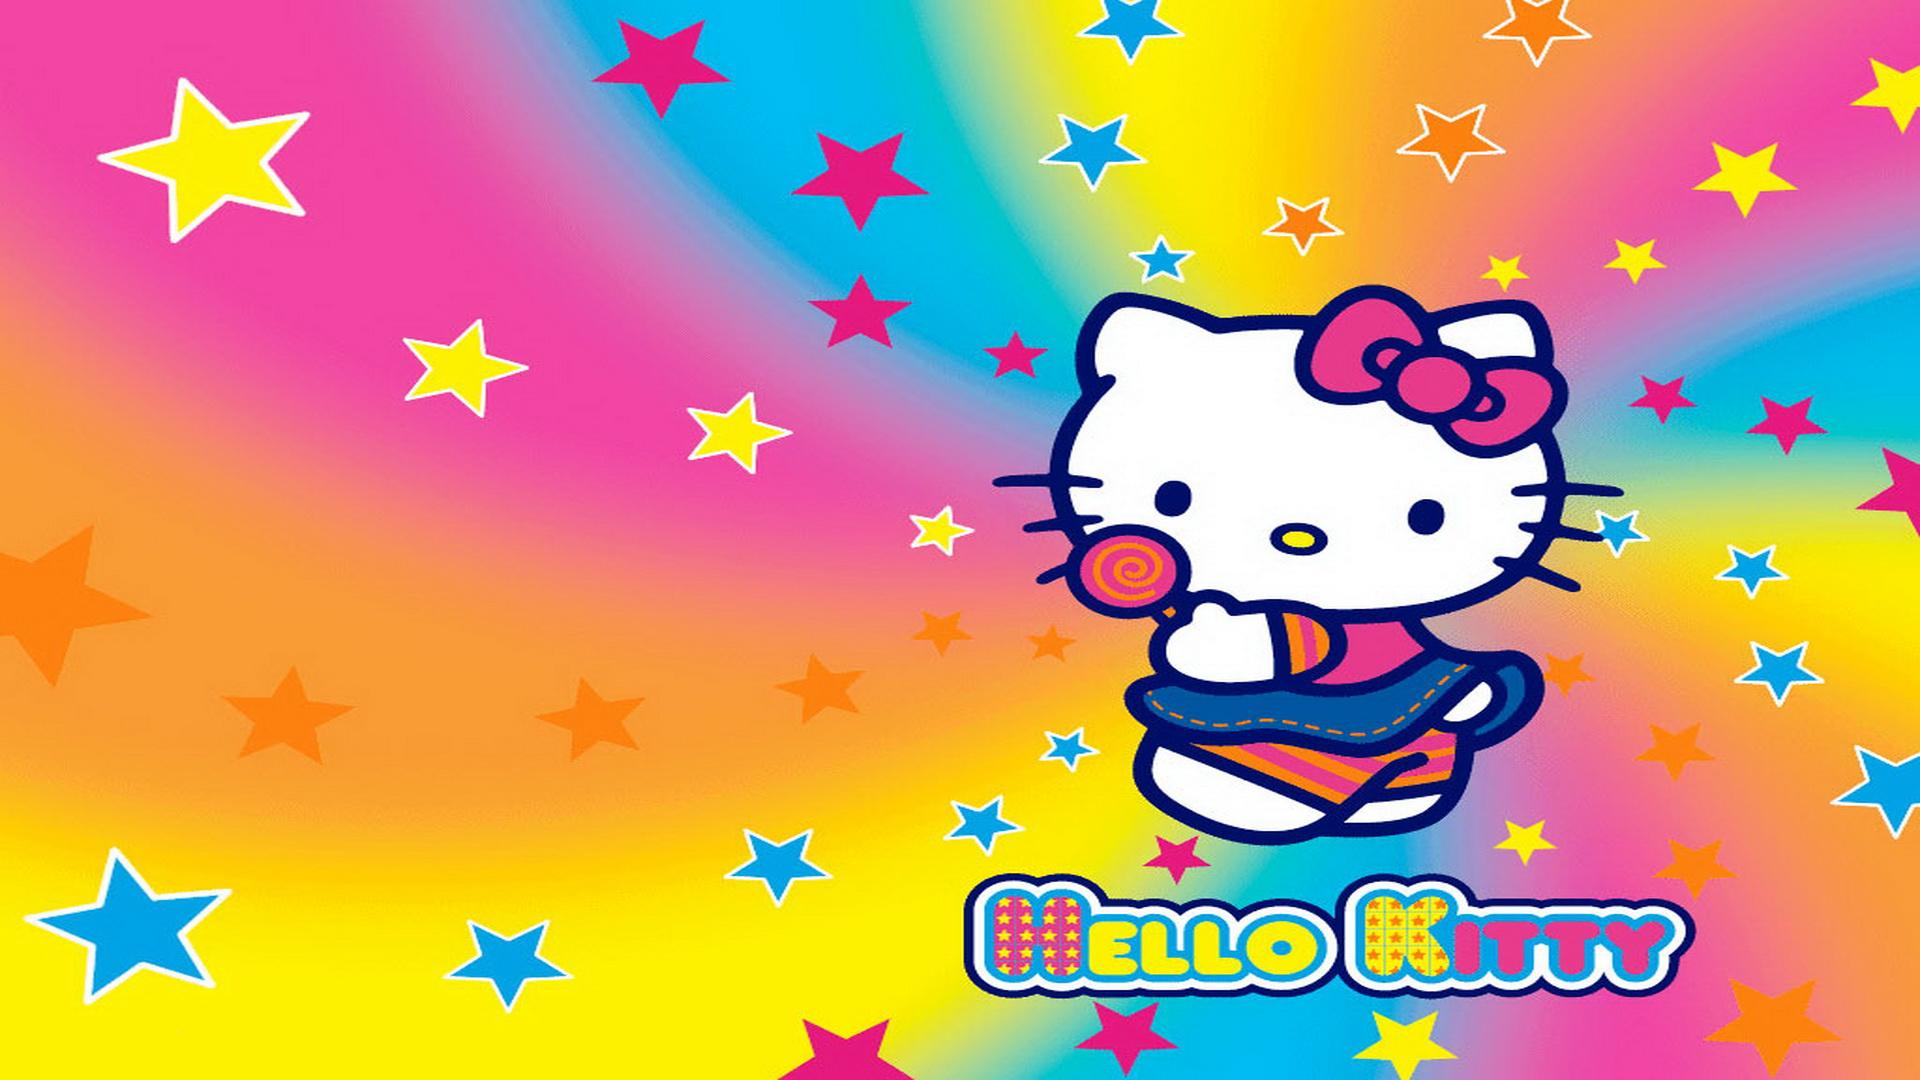 3D Hello Kitty Wallpaper - WallpaperSafari